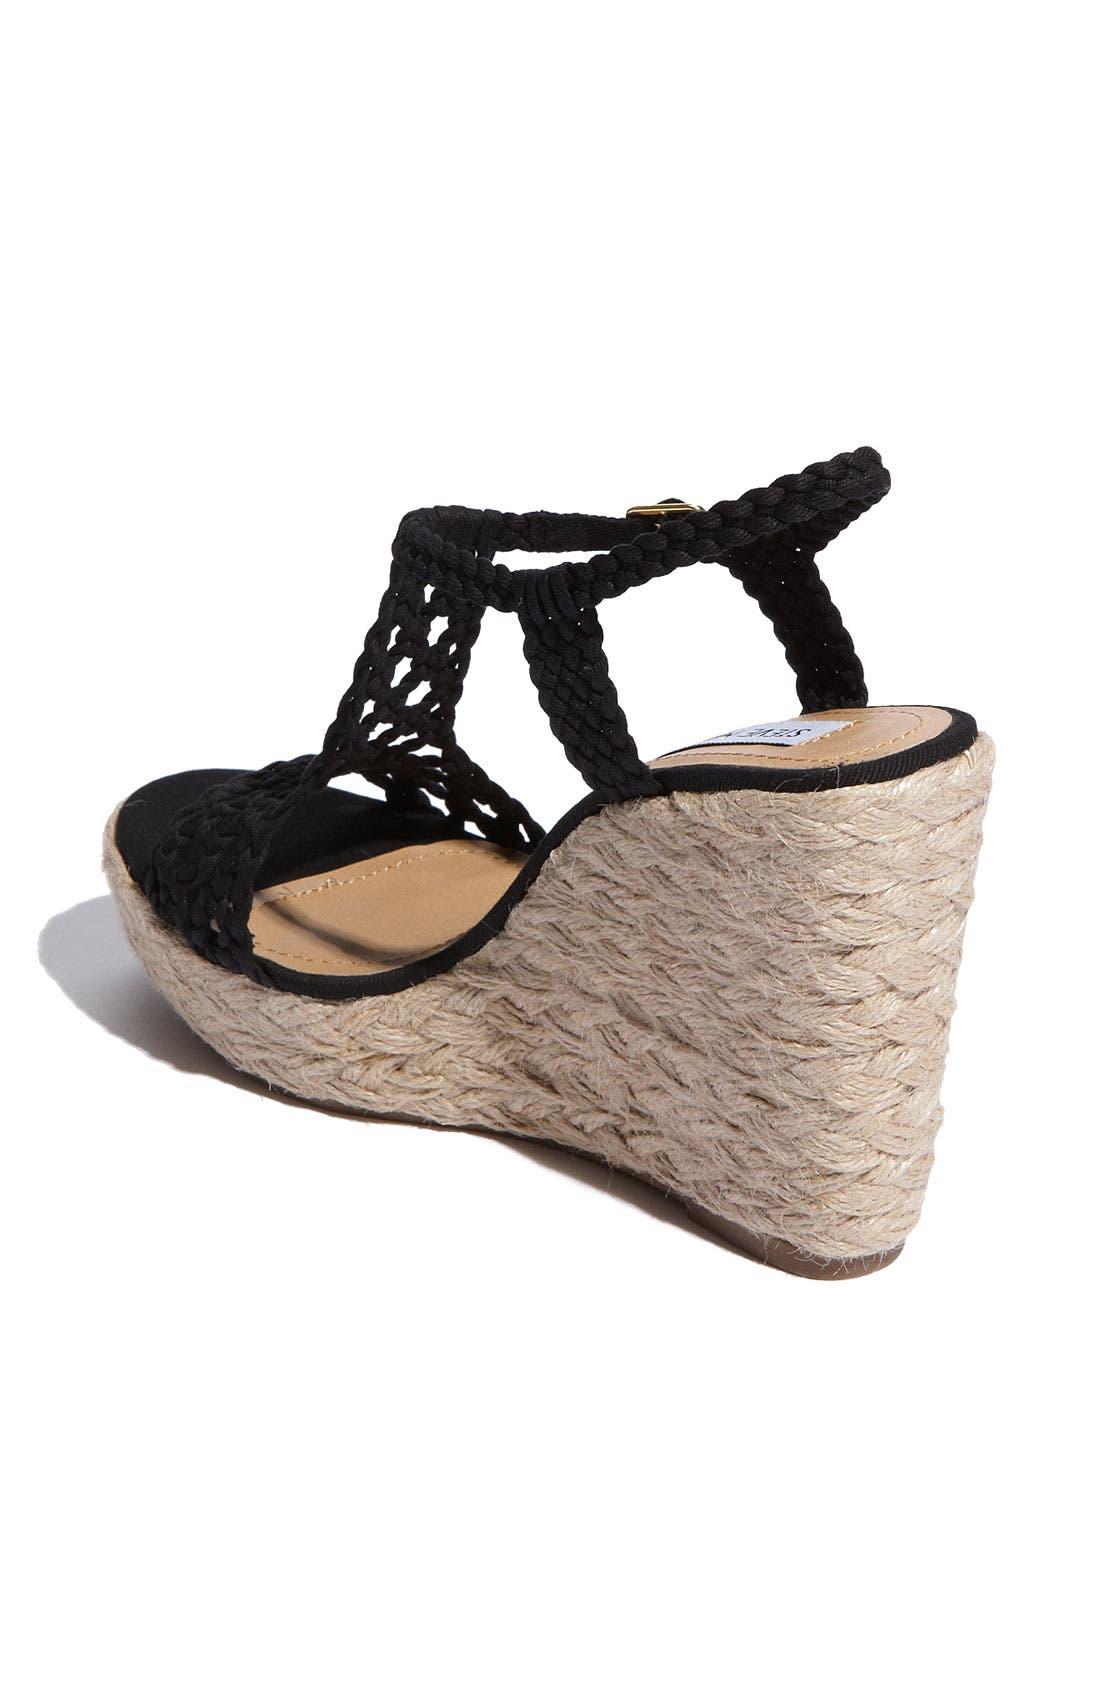 Alternate Image 2  - Steve Madden 'Manngo' Woven Sandal